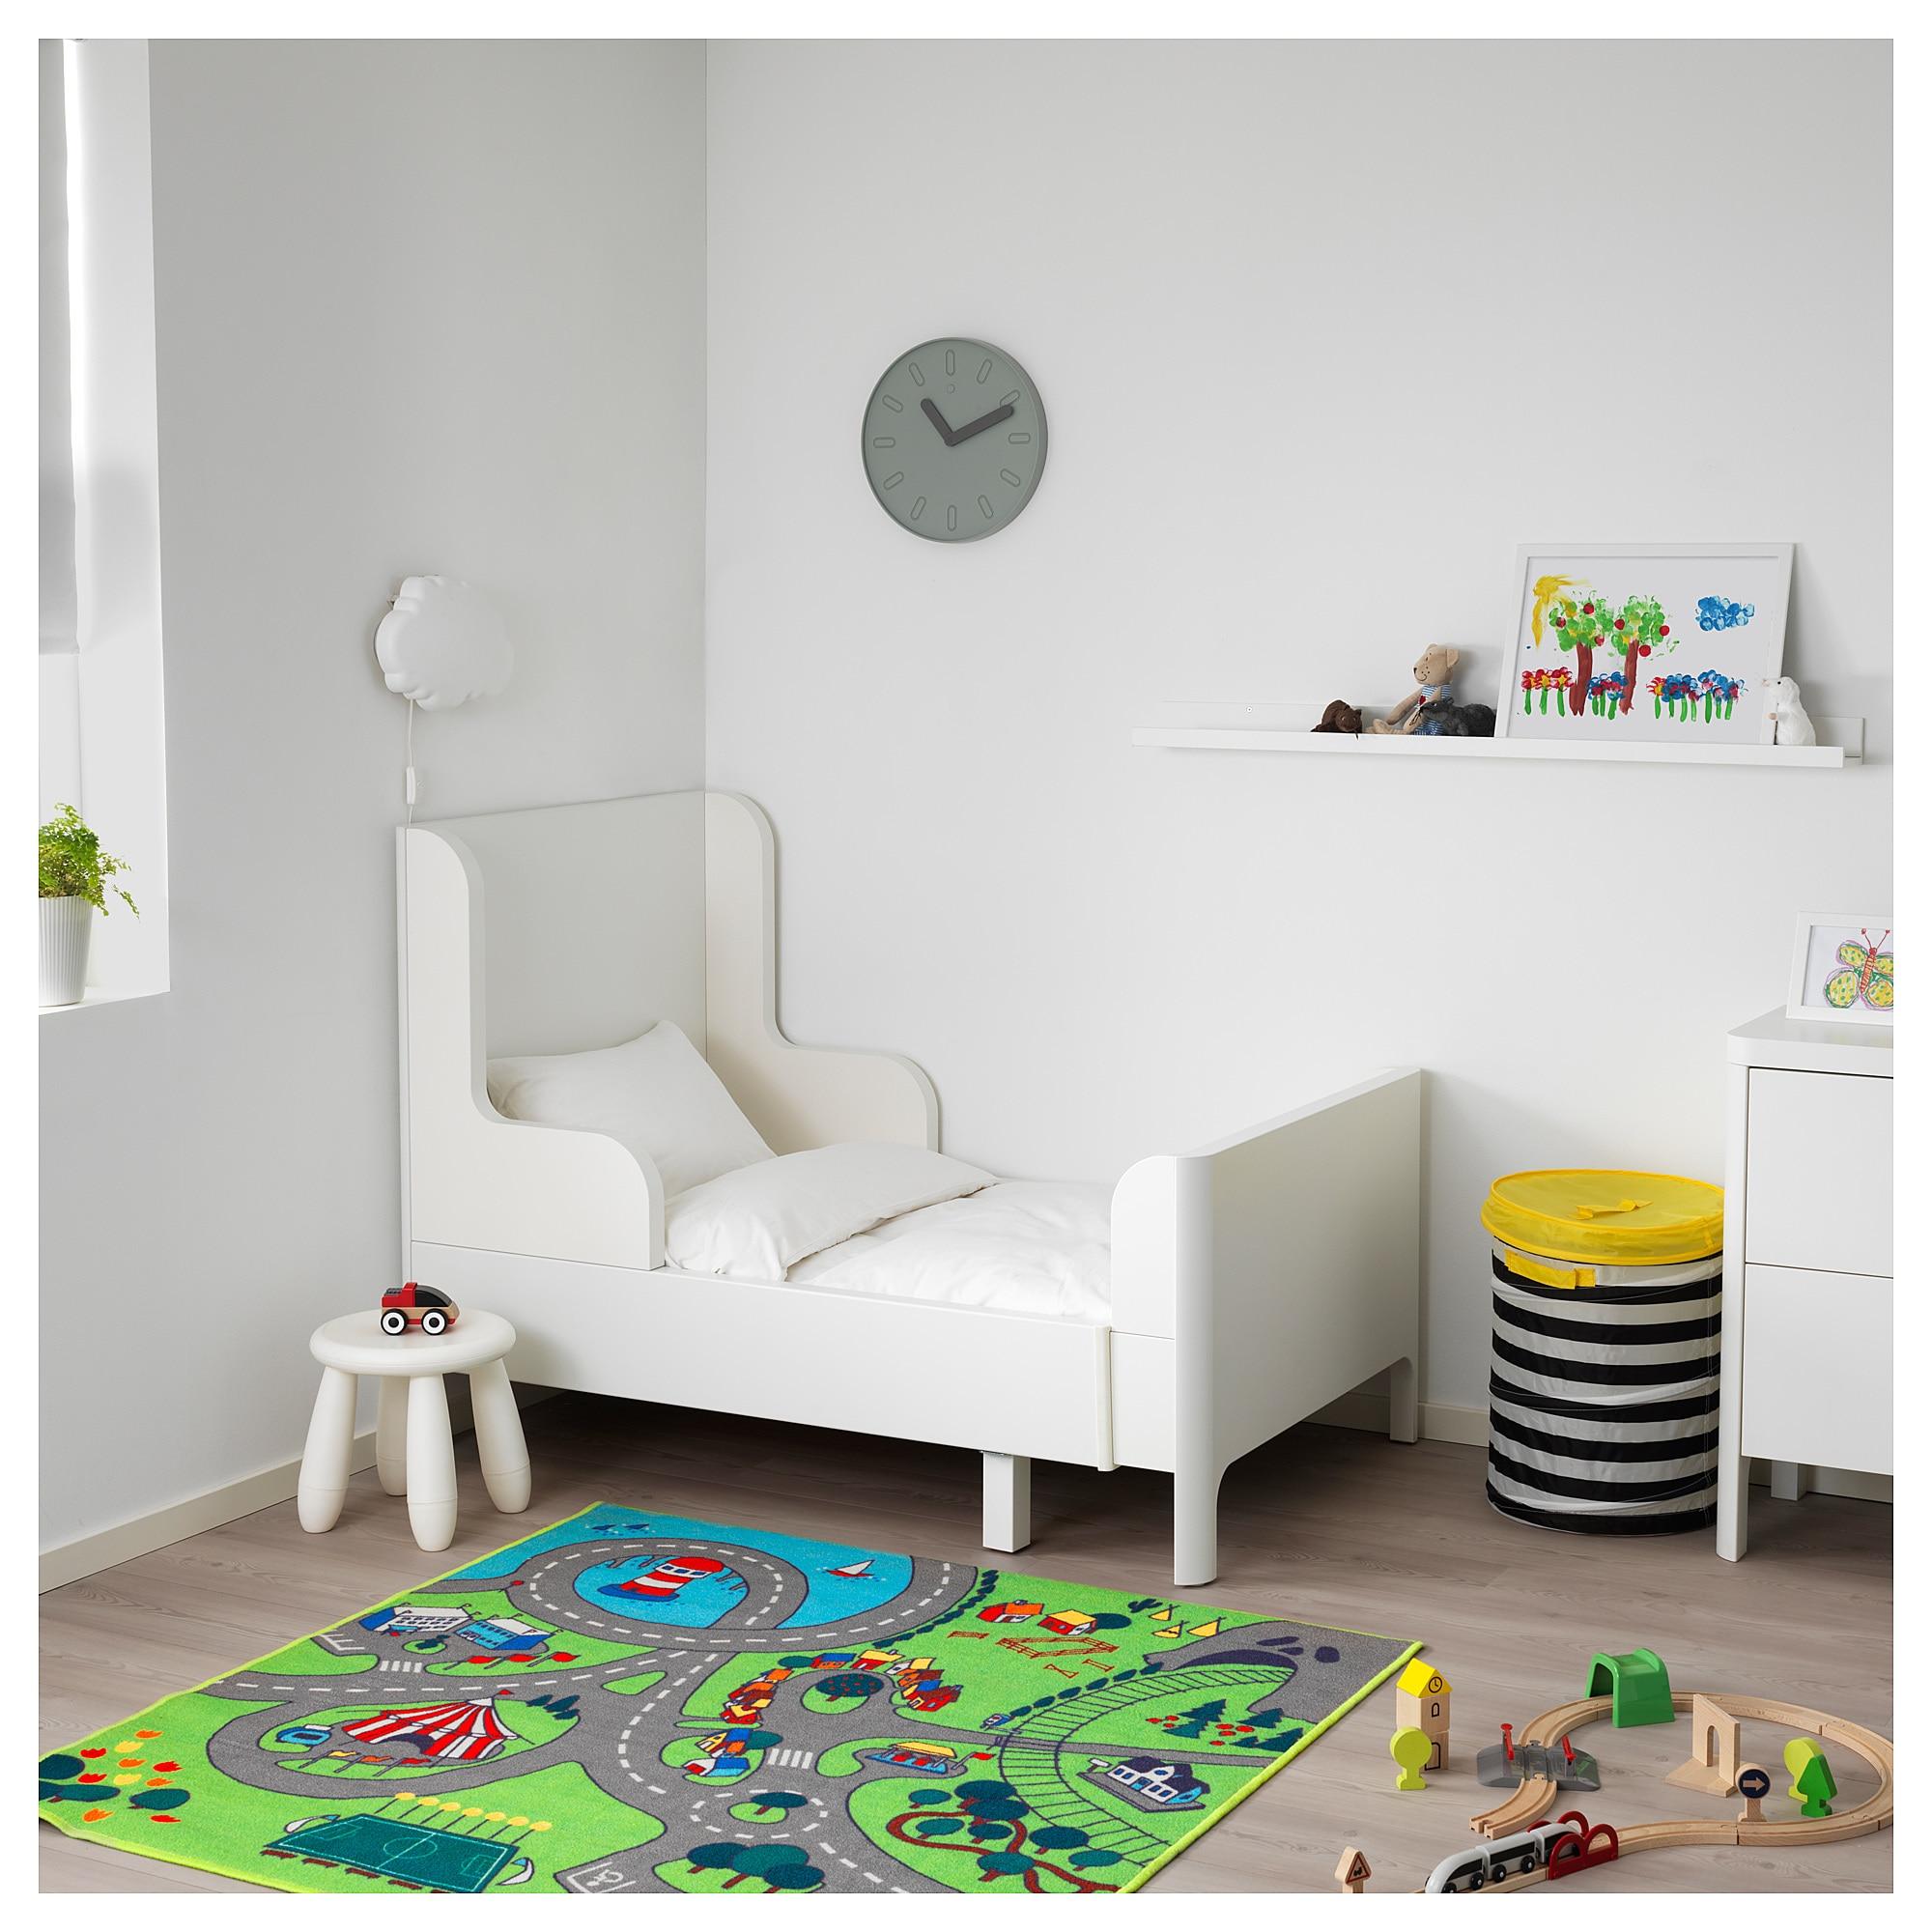 Full Size of Und Jugendzimmer Maisons Du Monde Cerise Ikea Miniküche Küche Kosten Sofa Bett Betten Bei Mit Schlaffunktion Modulküche Kaufen 160x200 Wohnzimmer Ikea Jugendzimmer